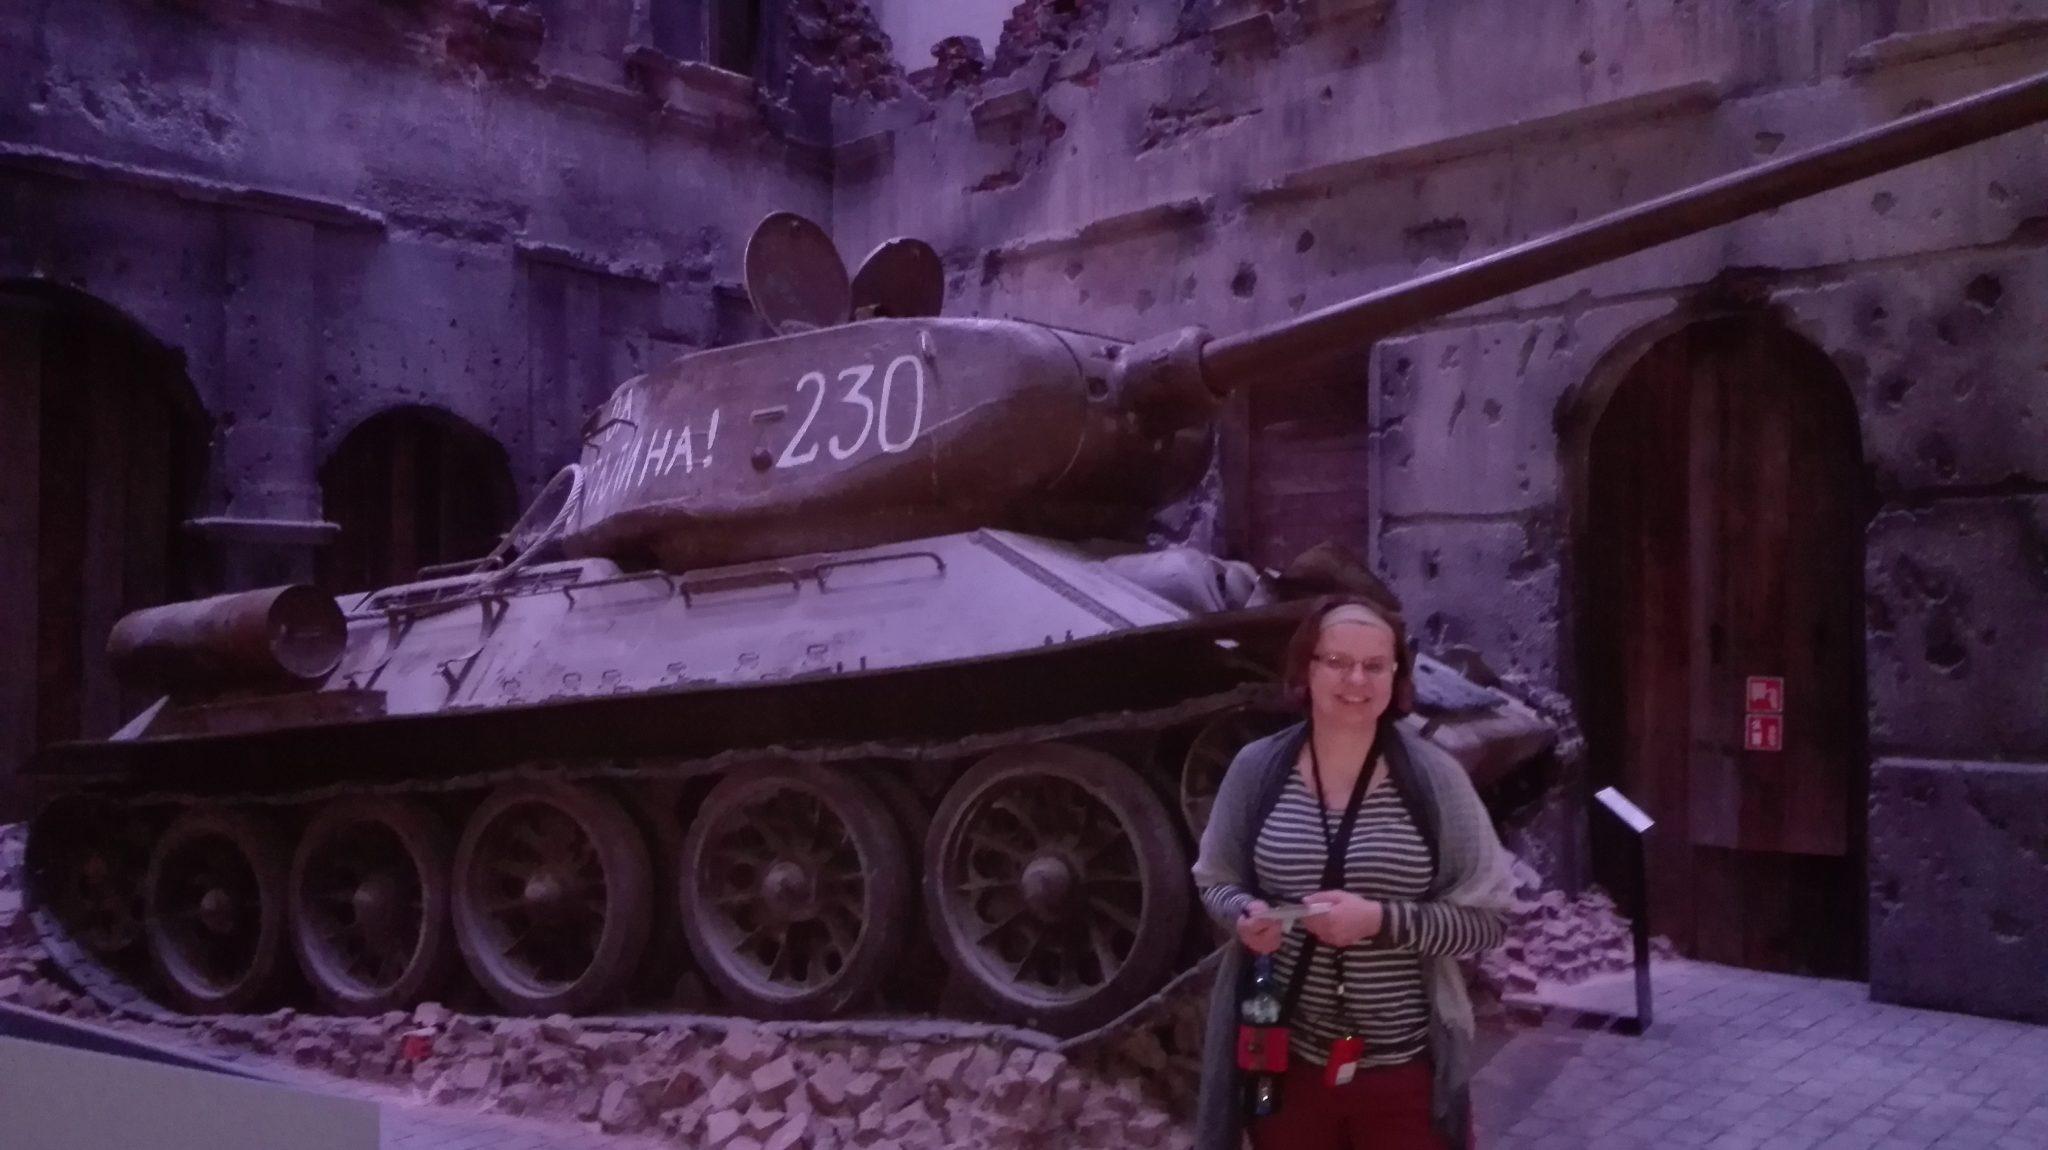 Muzeum II Wojny Światowej w Gdańsku zwiedzanie z przewodnikiem.